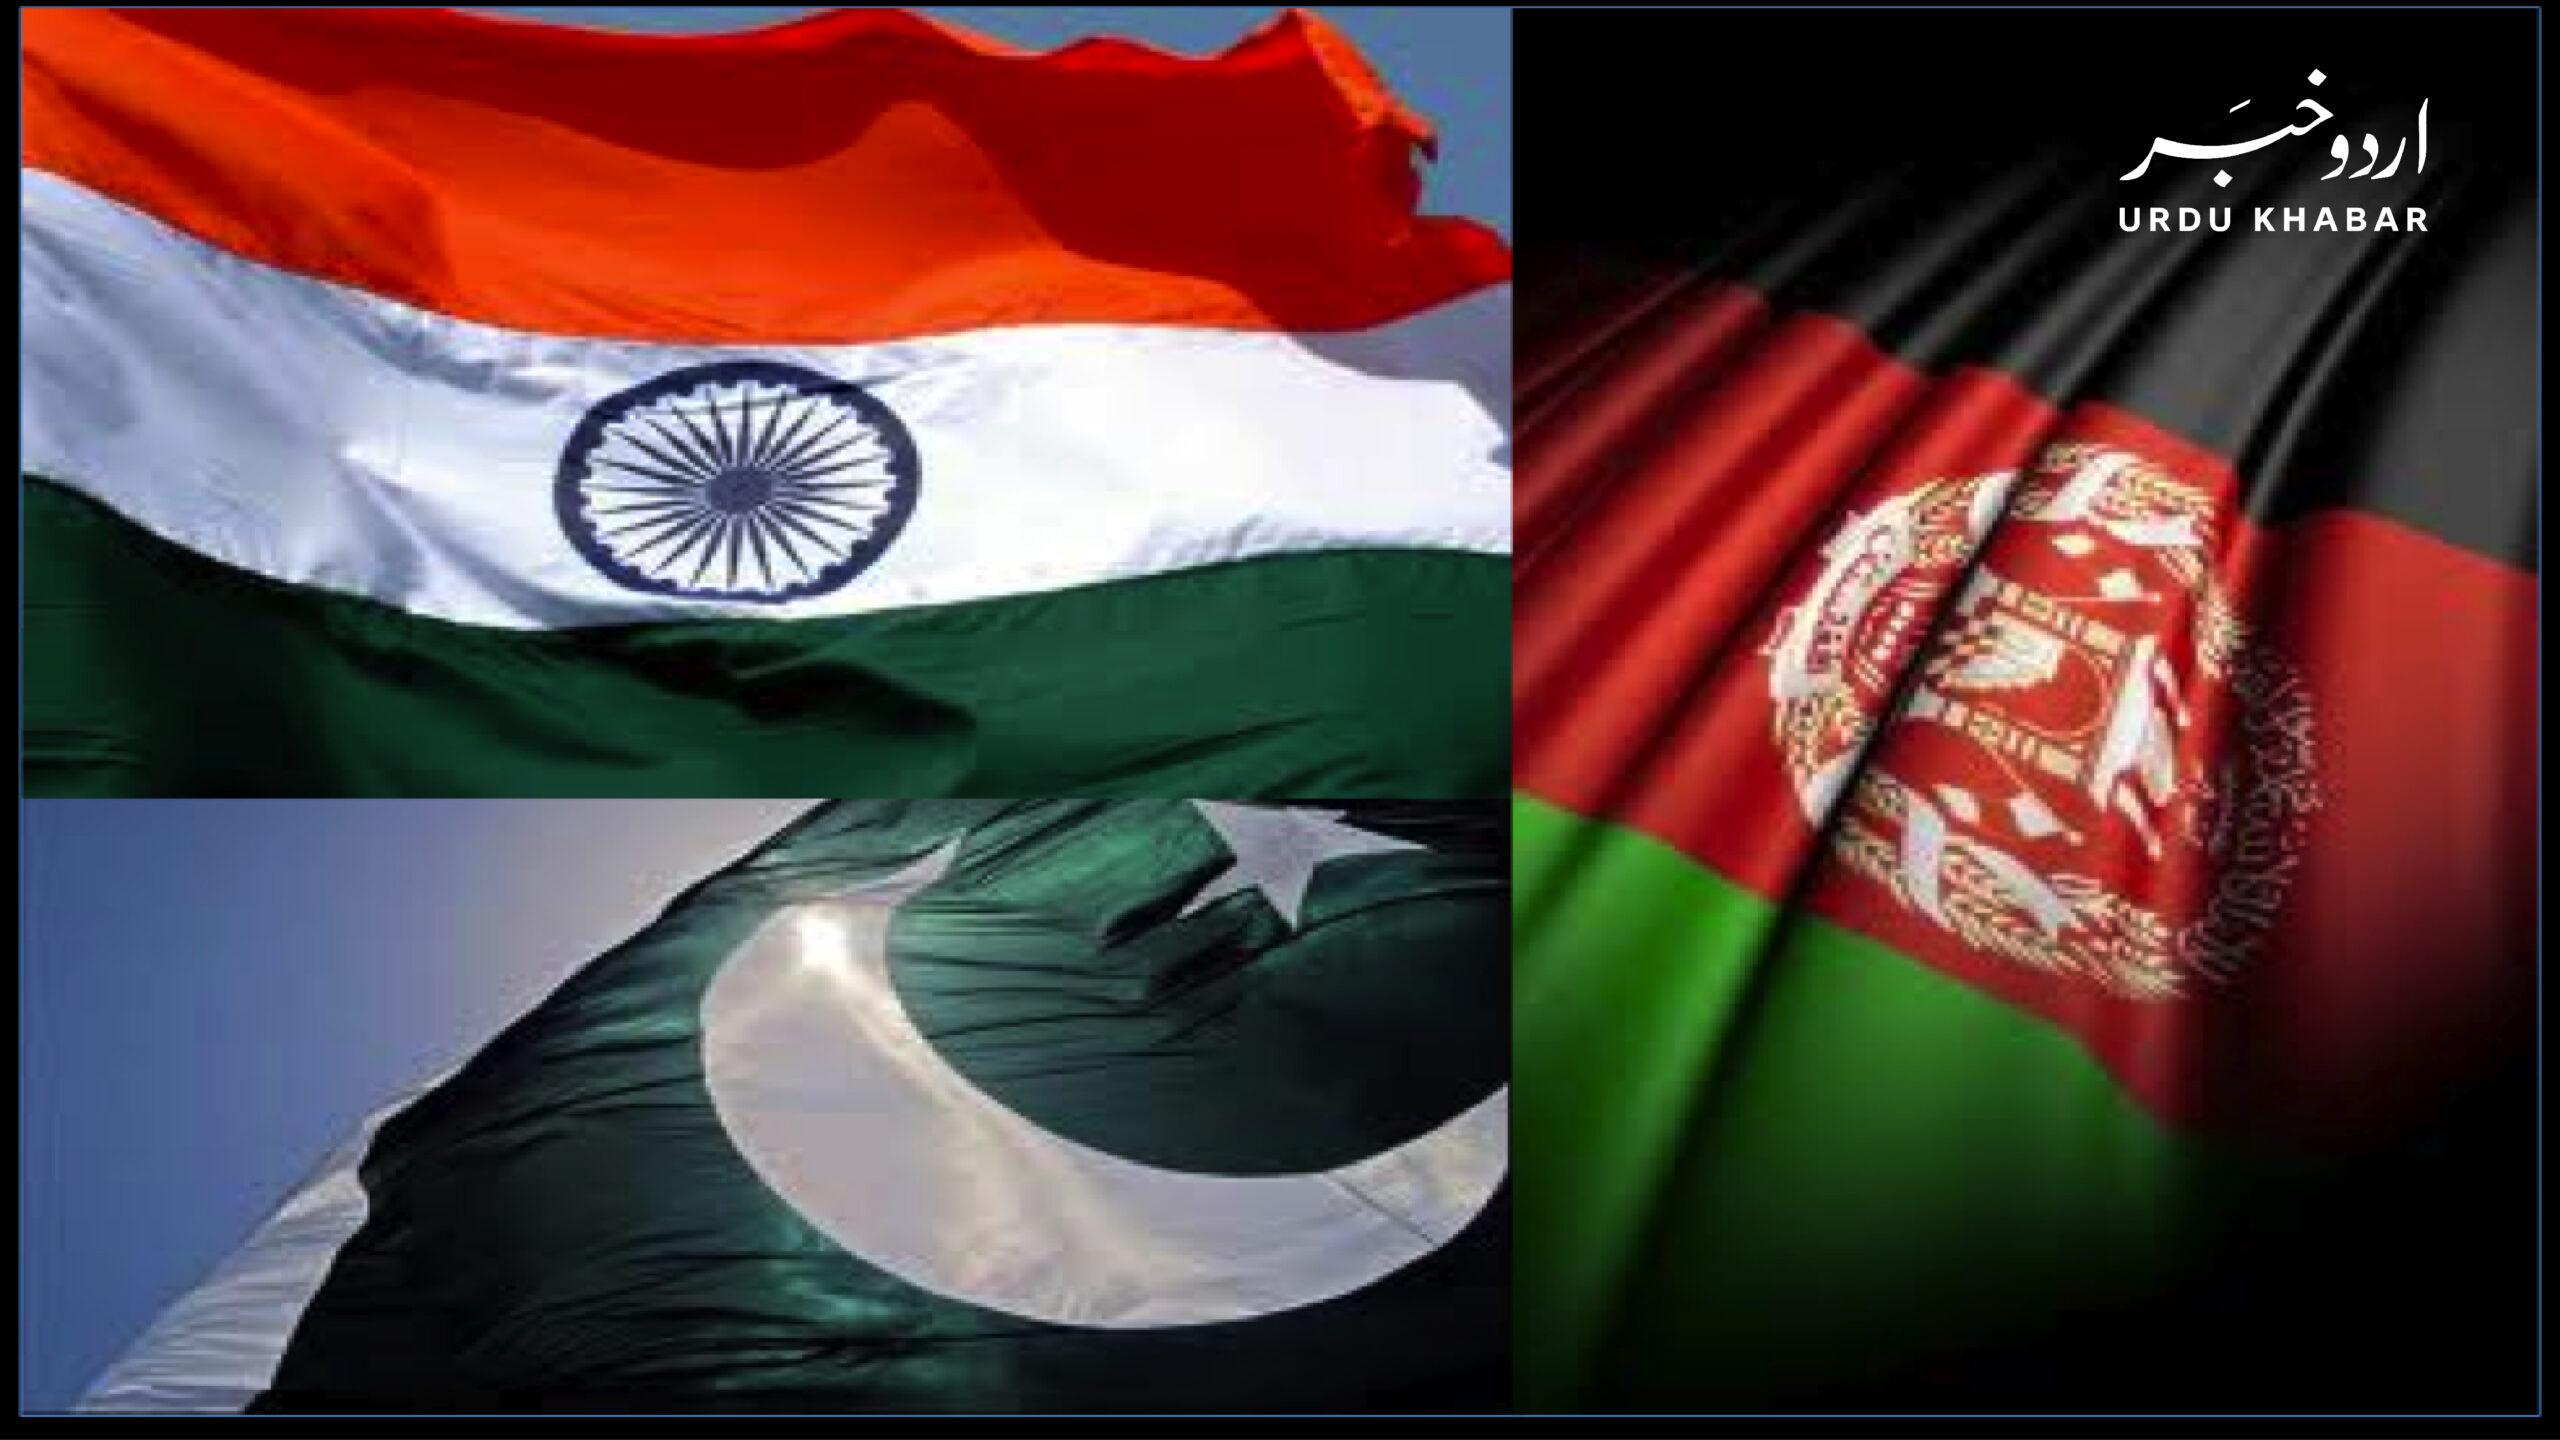 پاکستان کا ہندوستان کی طرف سے افغانستان میں شمولیت پر اعتراض